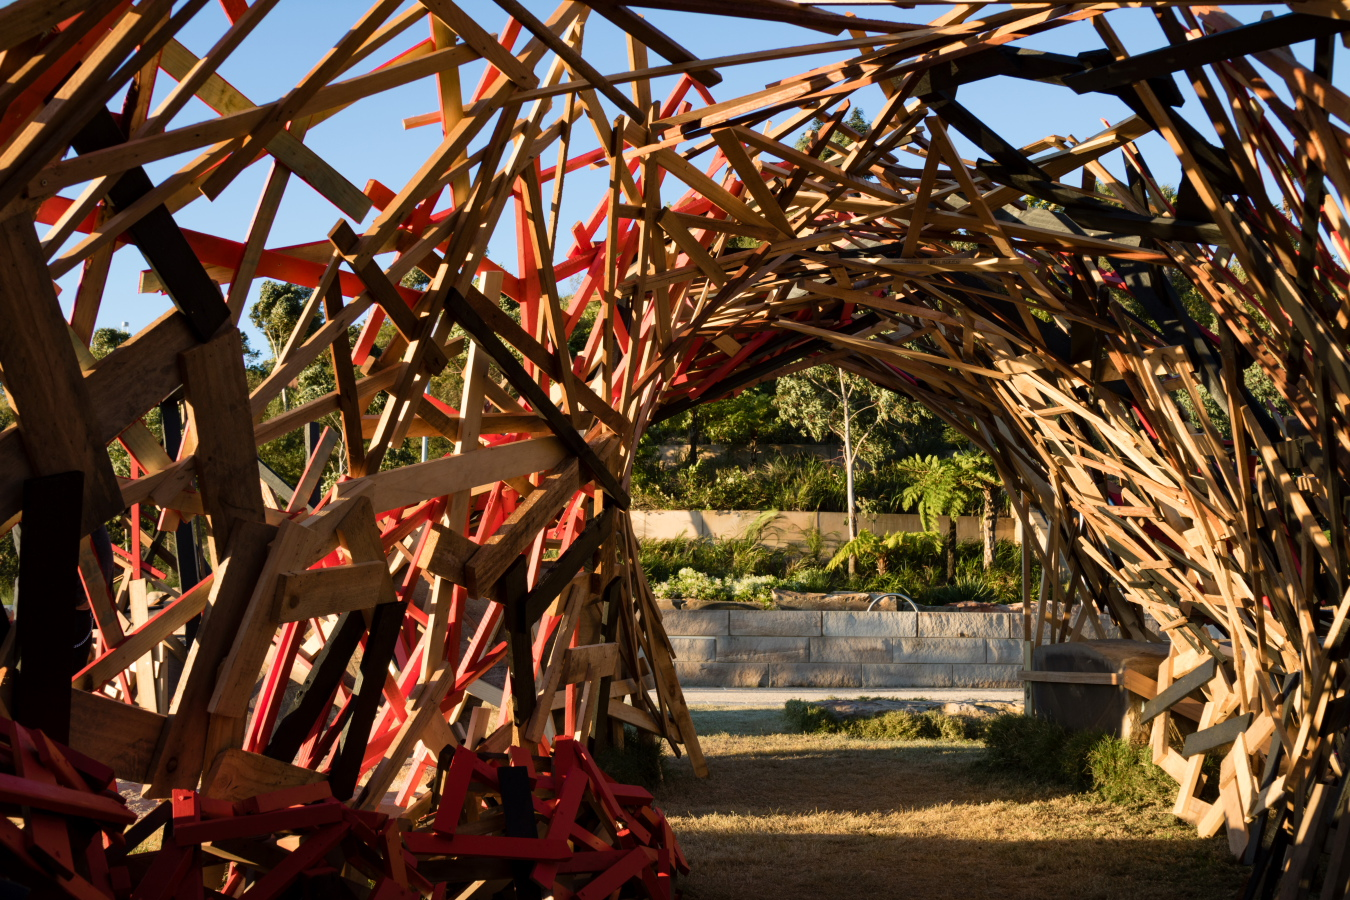 Mental Convolution, Sculpture at Barangaroo 2017